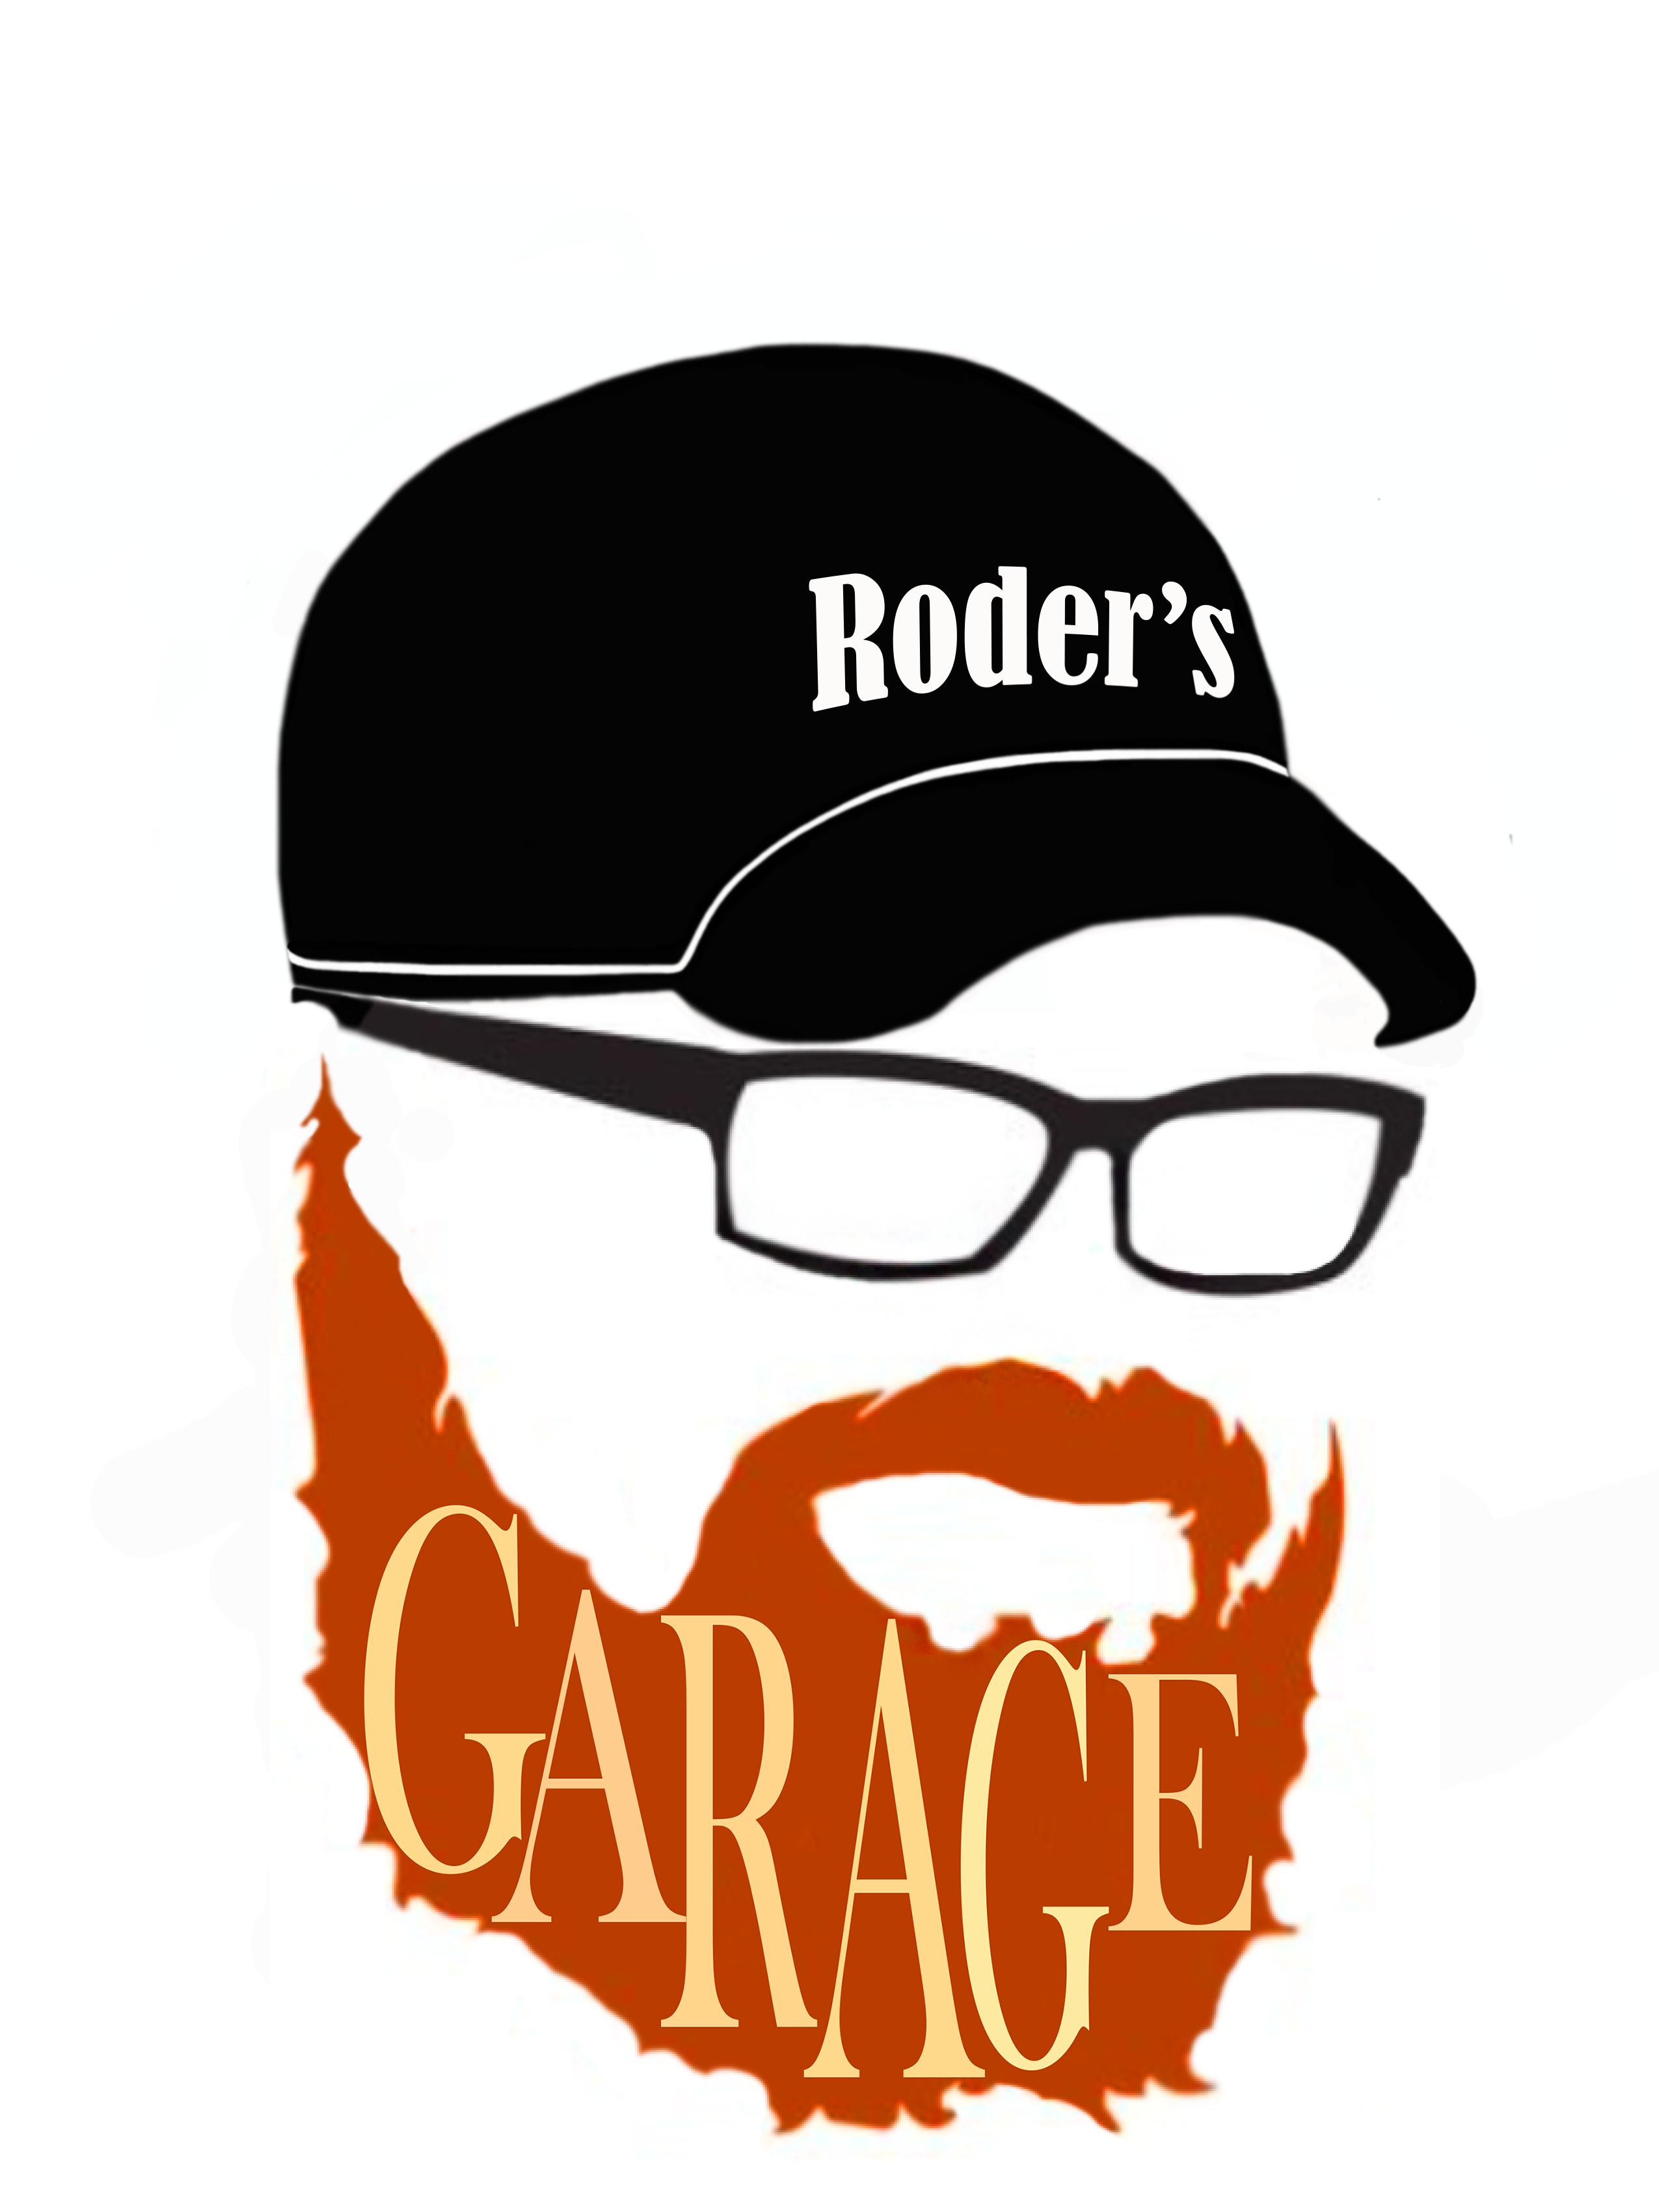 Roder's Garage